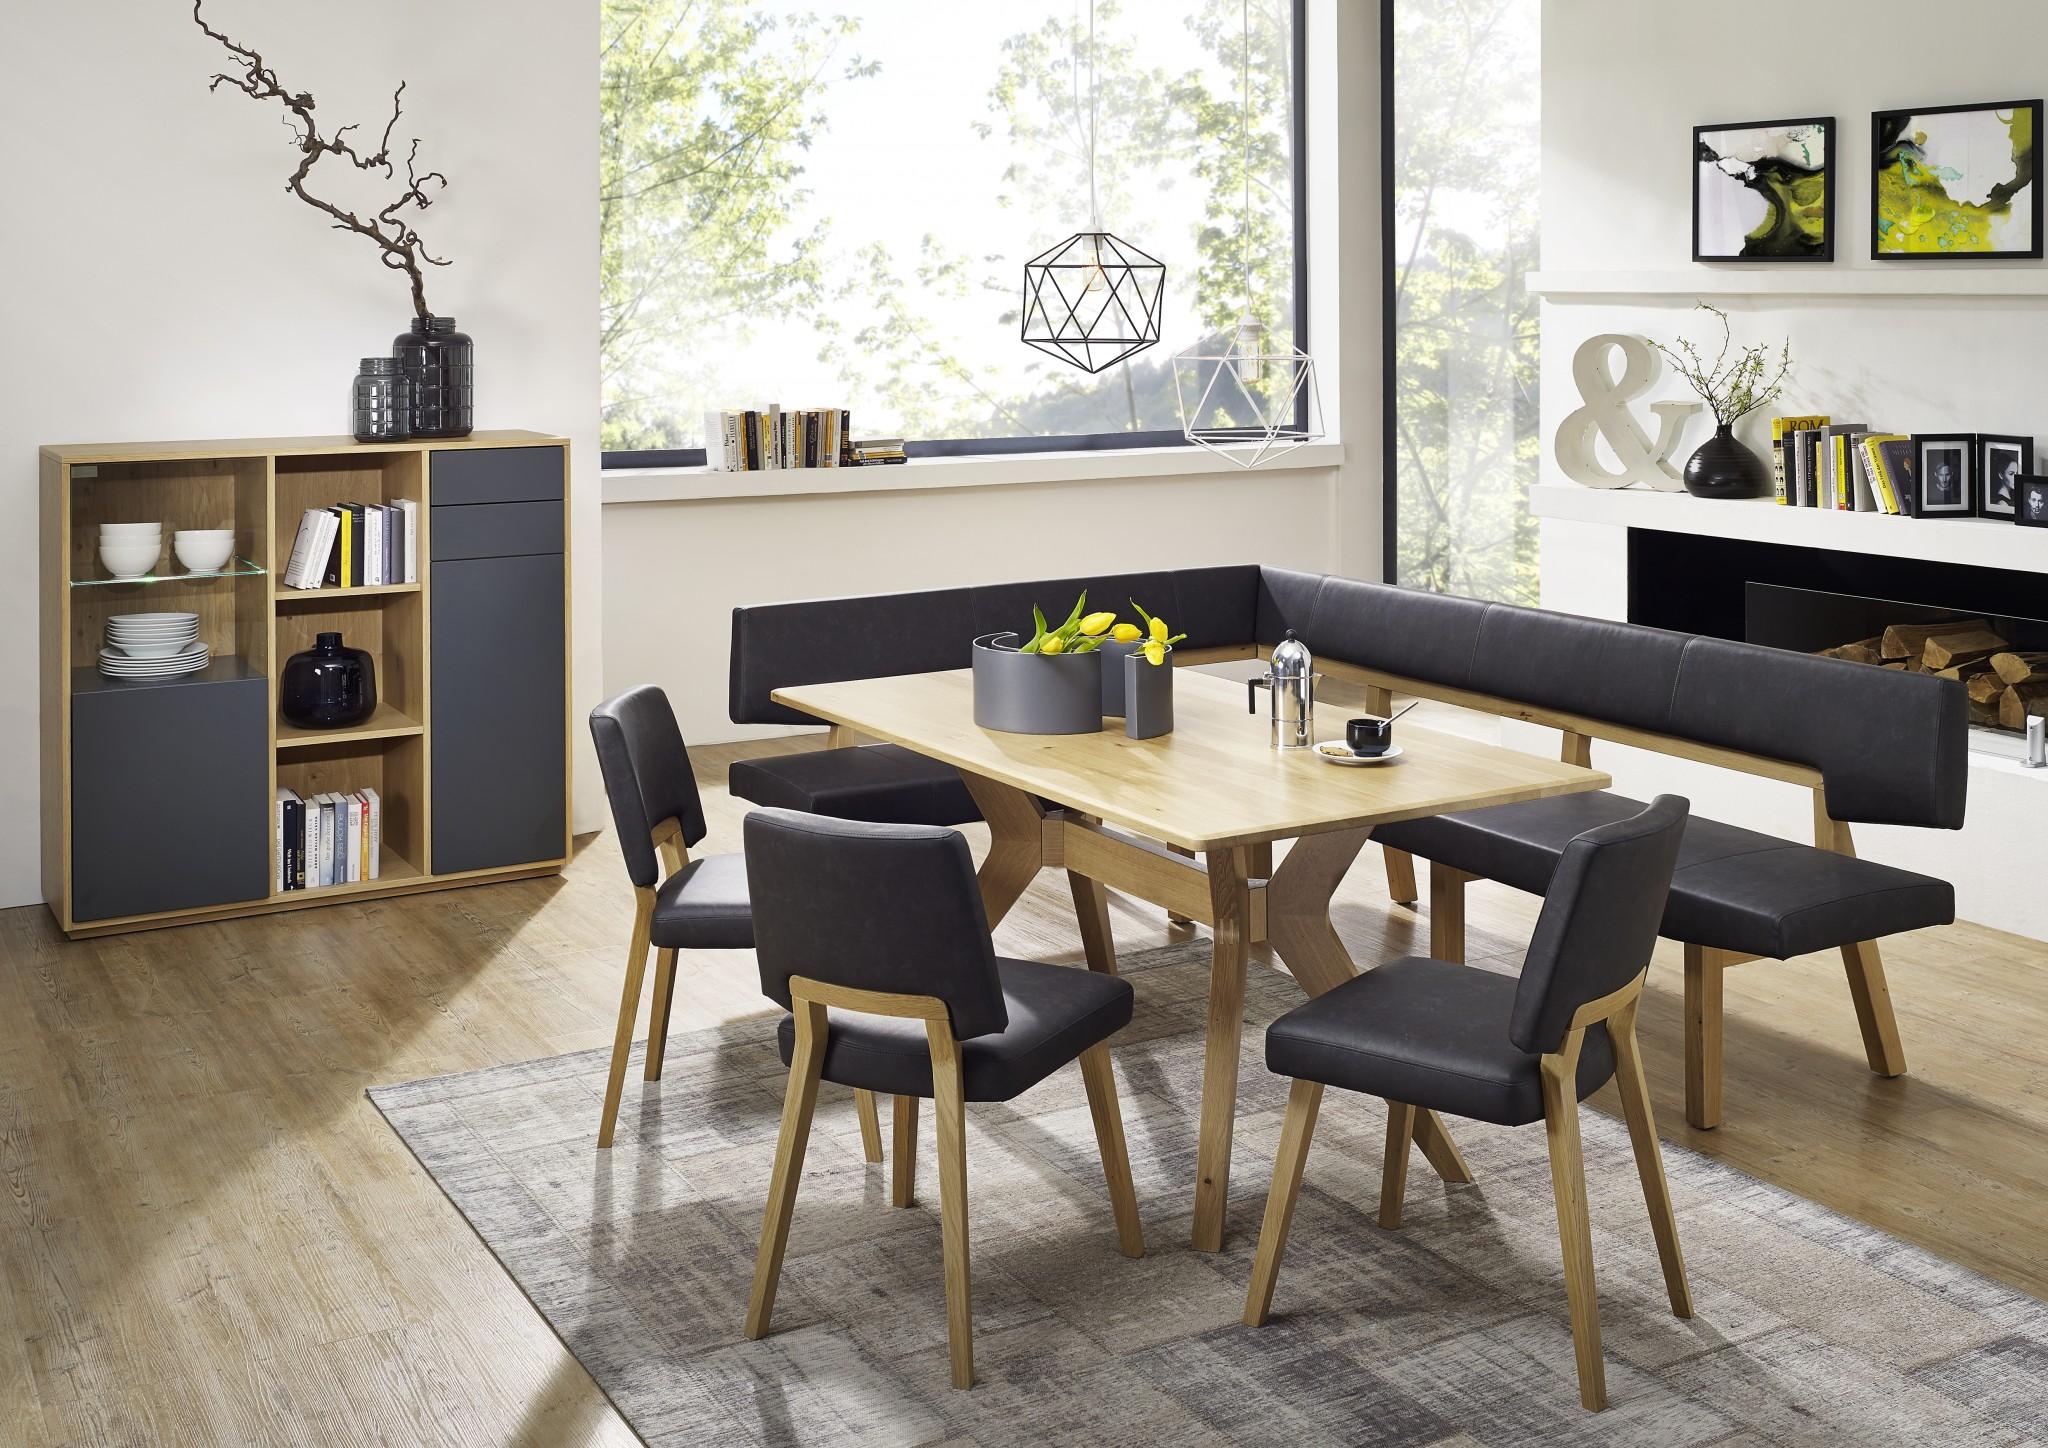 Tischgruppe TOPLINE 1560 davon die Einzelbank 180 cm lang € 1.290.- – Möbel Polt Möbelhaus